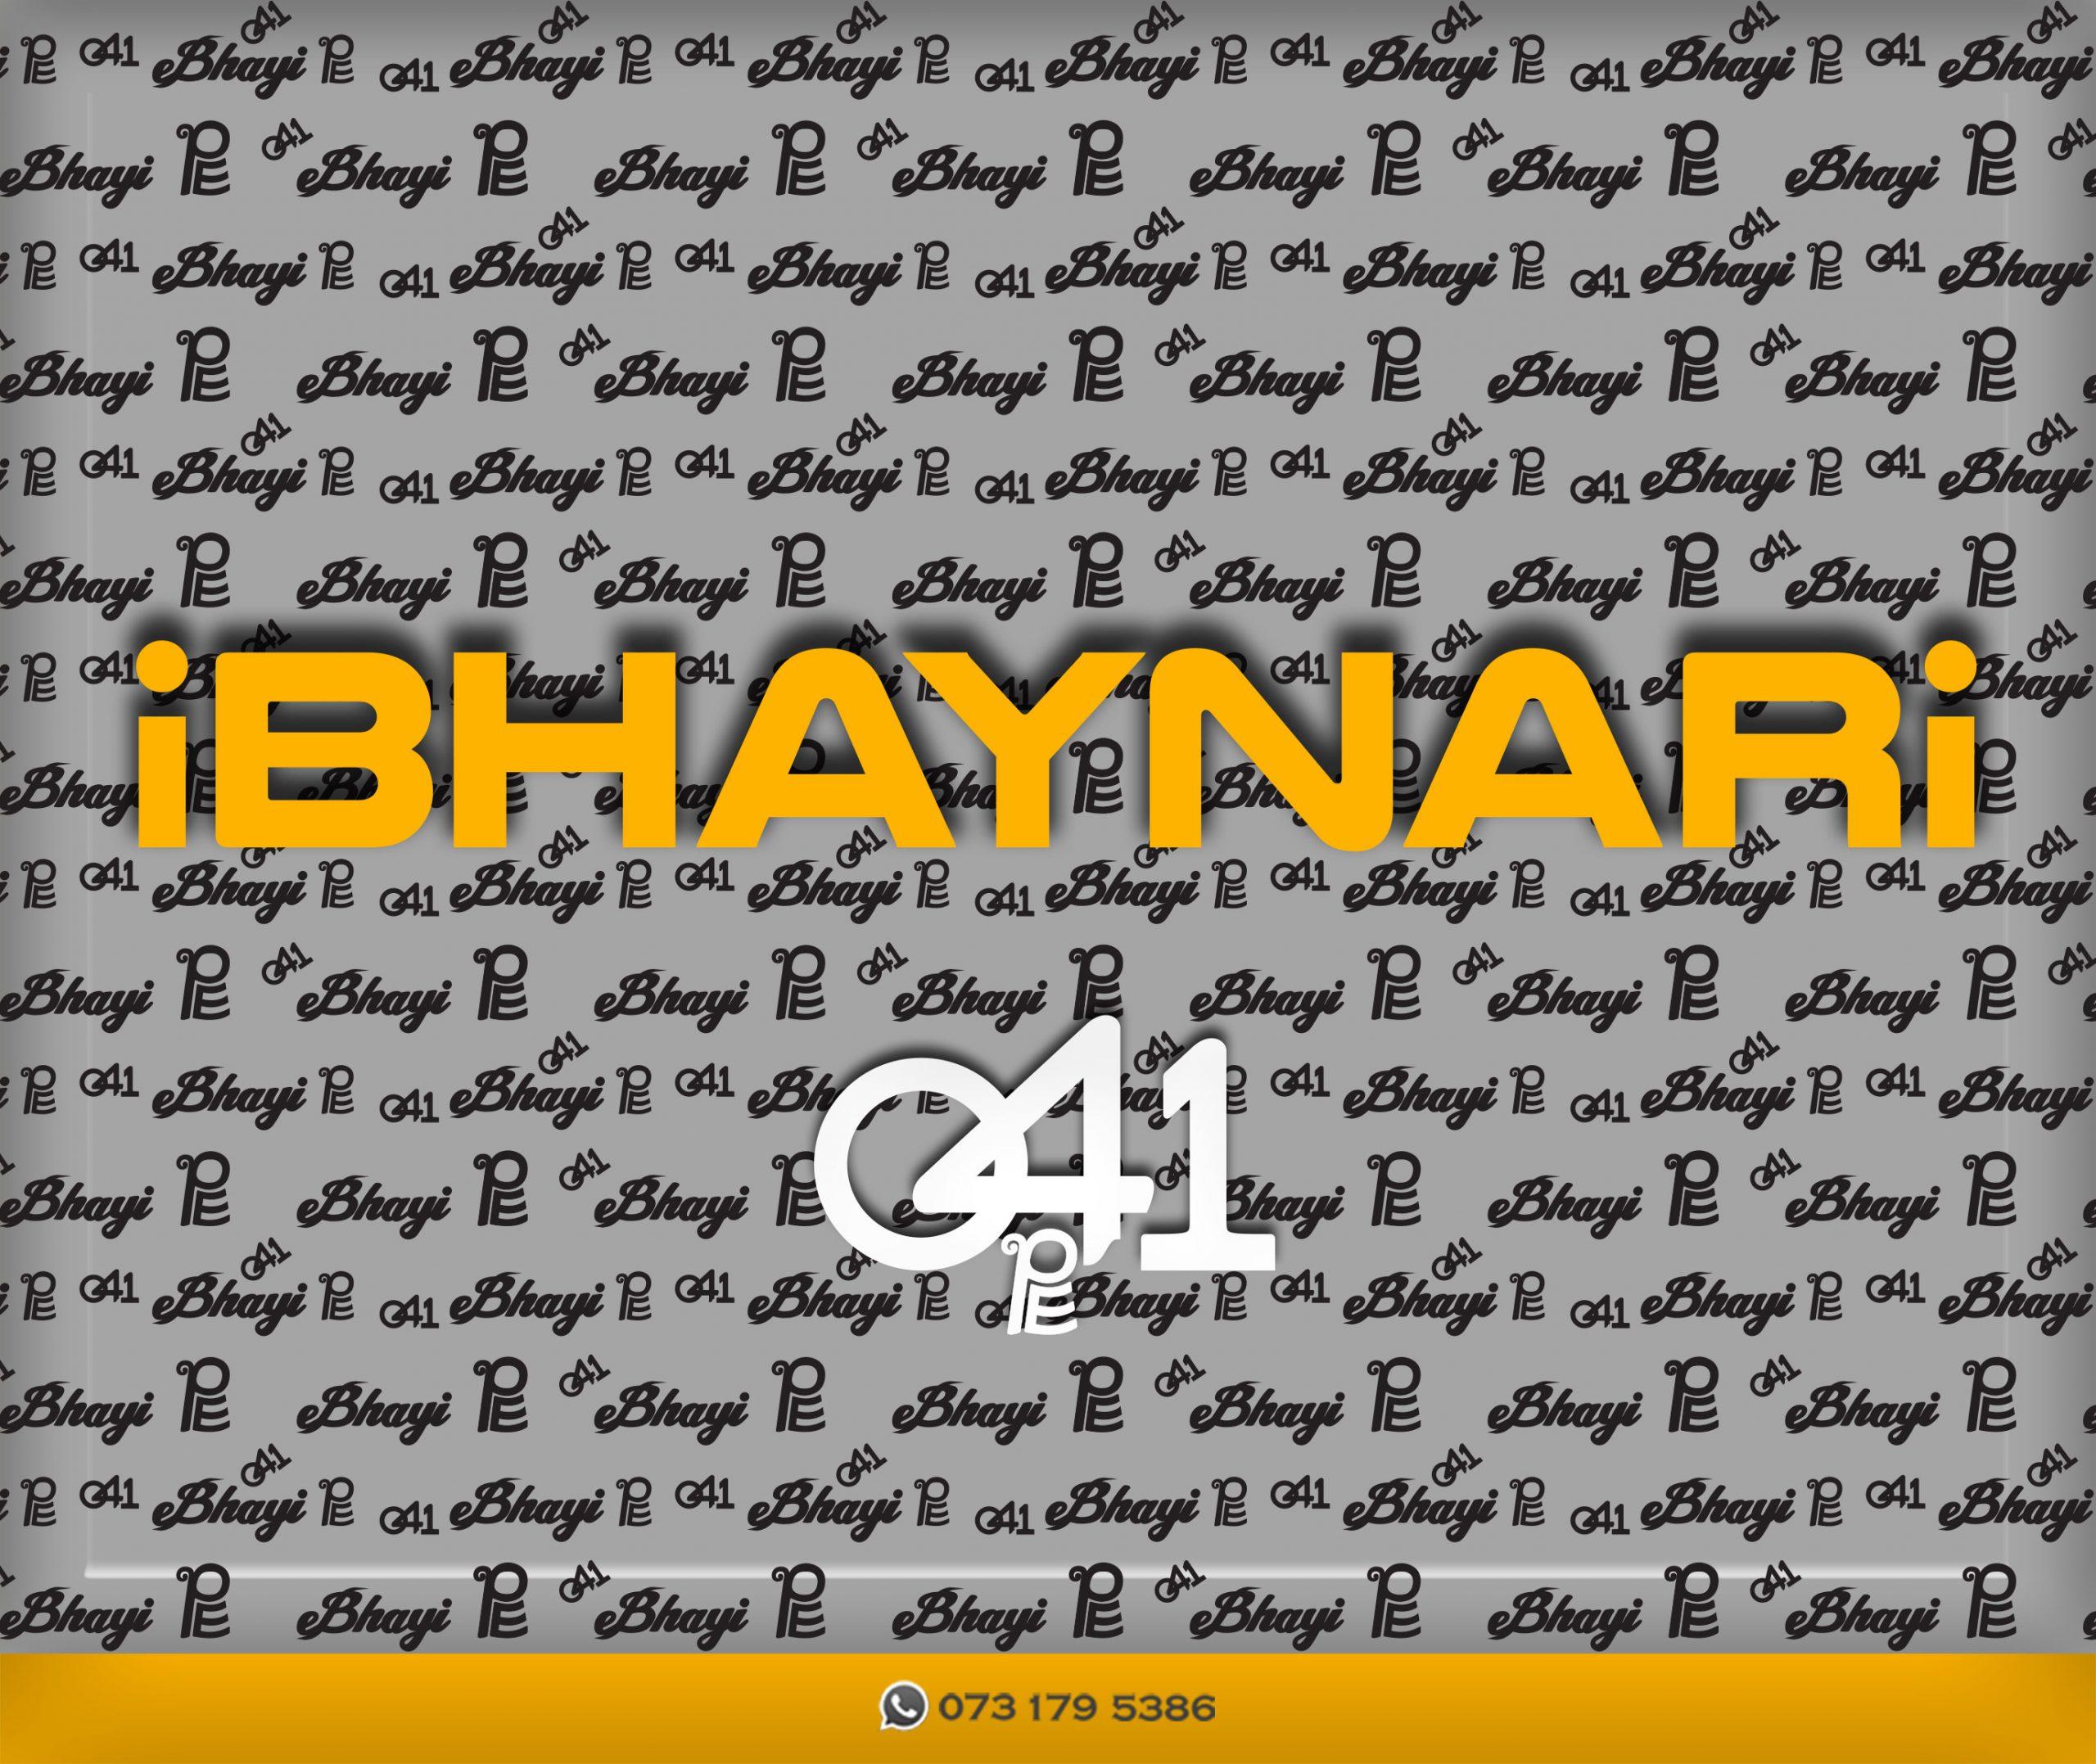 iBHAYNARi